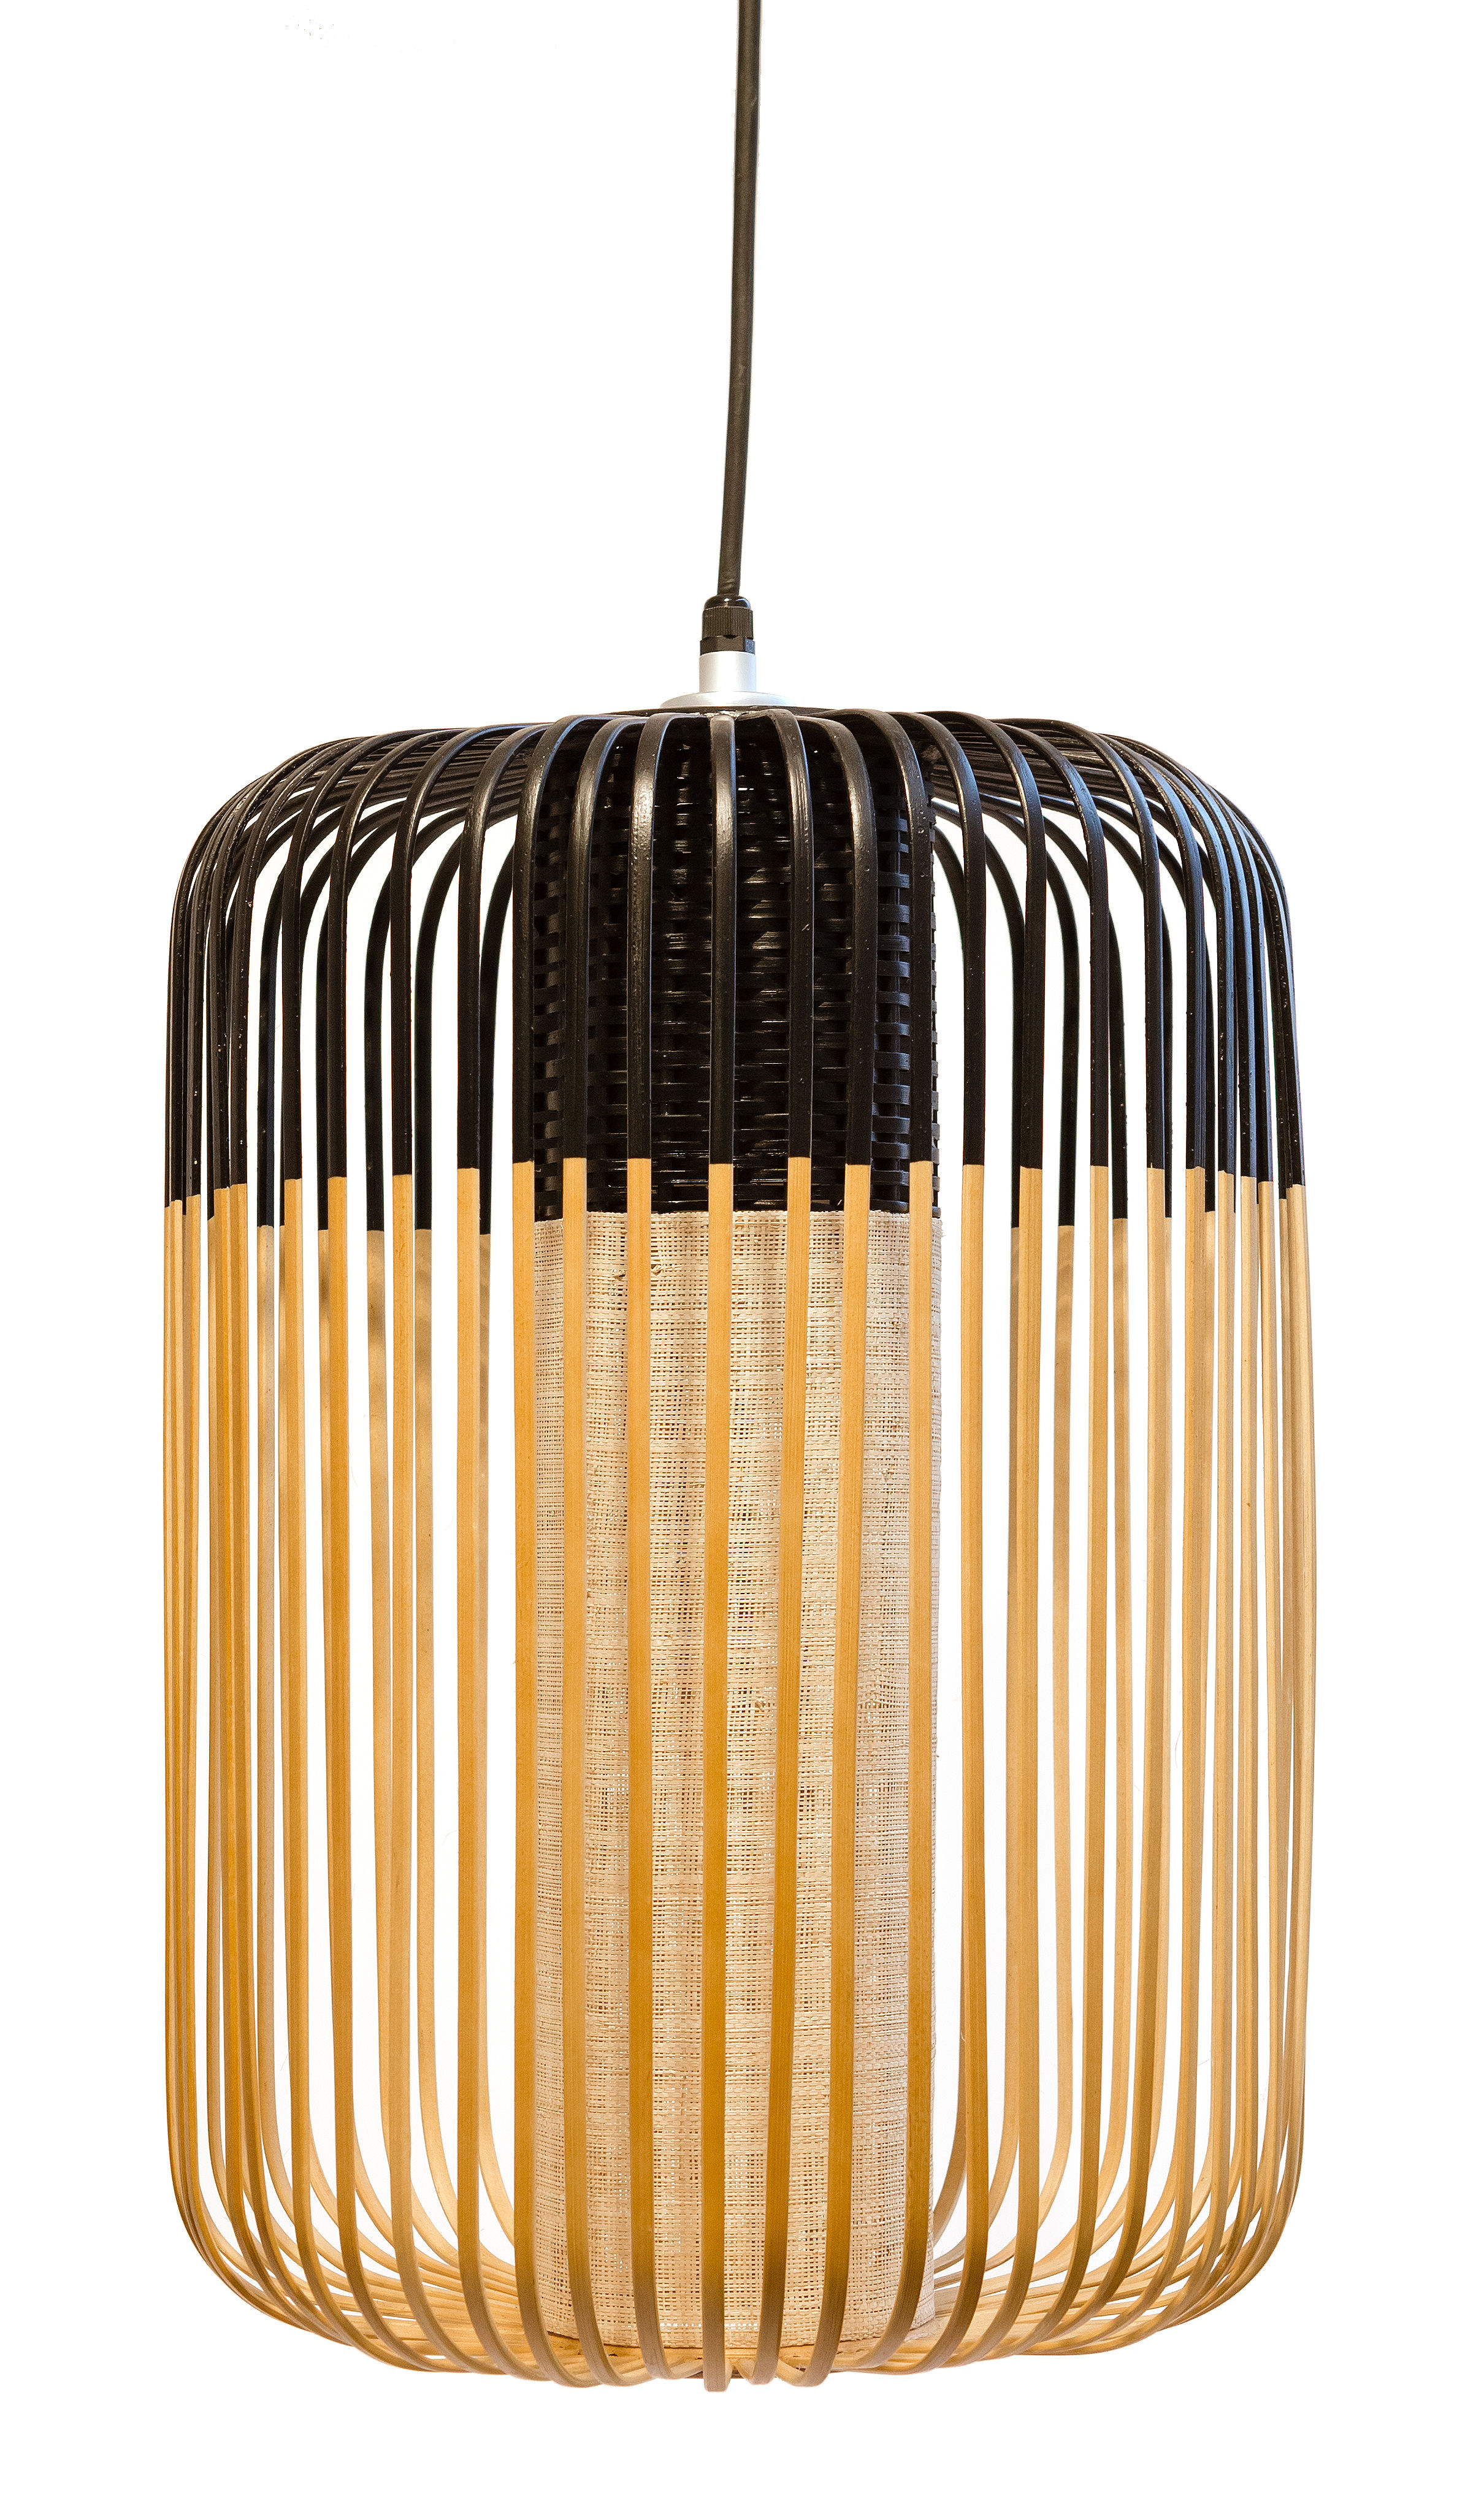 Illuminazione - Lampadari - Sospensione Bamboo Light L Outdoor - / H 50 x Ø 35 cm di Forestier - Nero / Naturale - Bambù naturale, Gomma